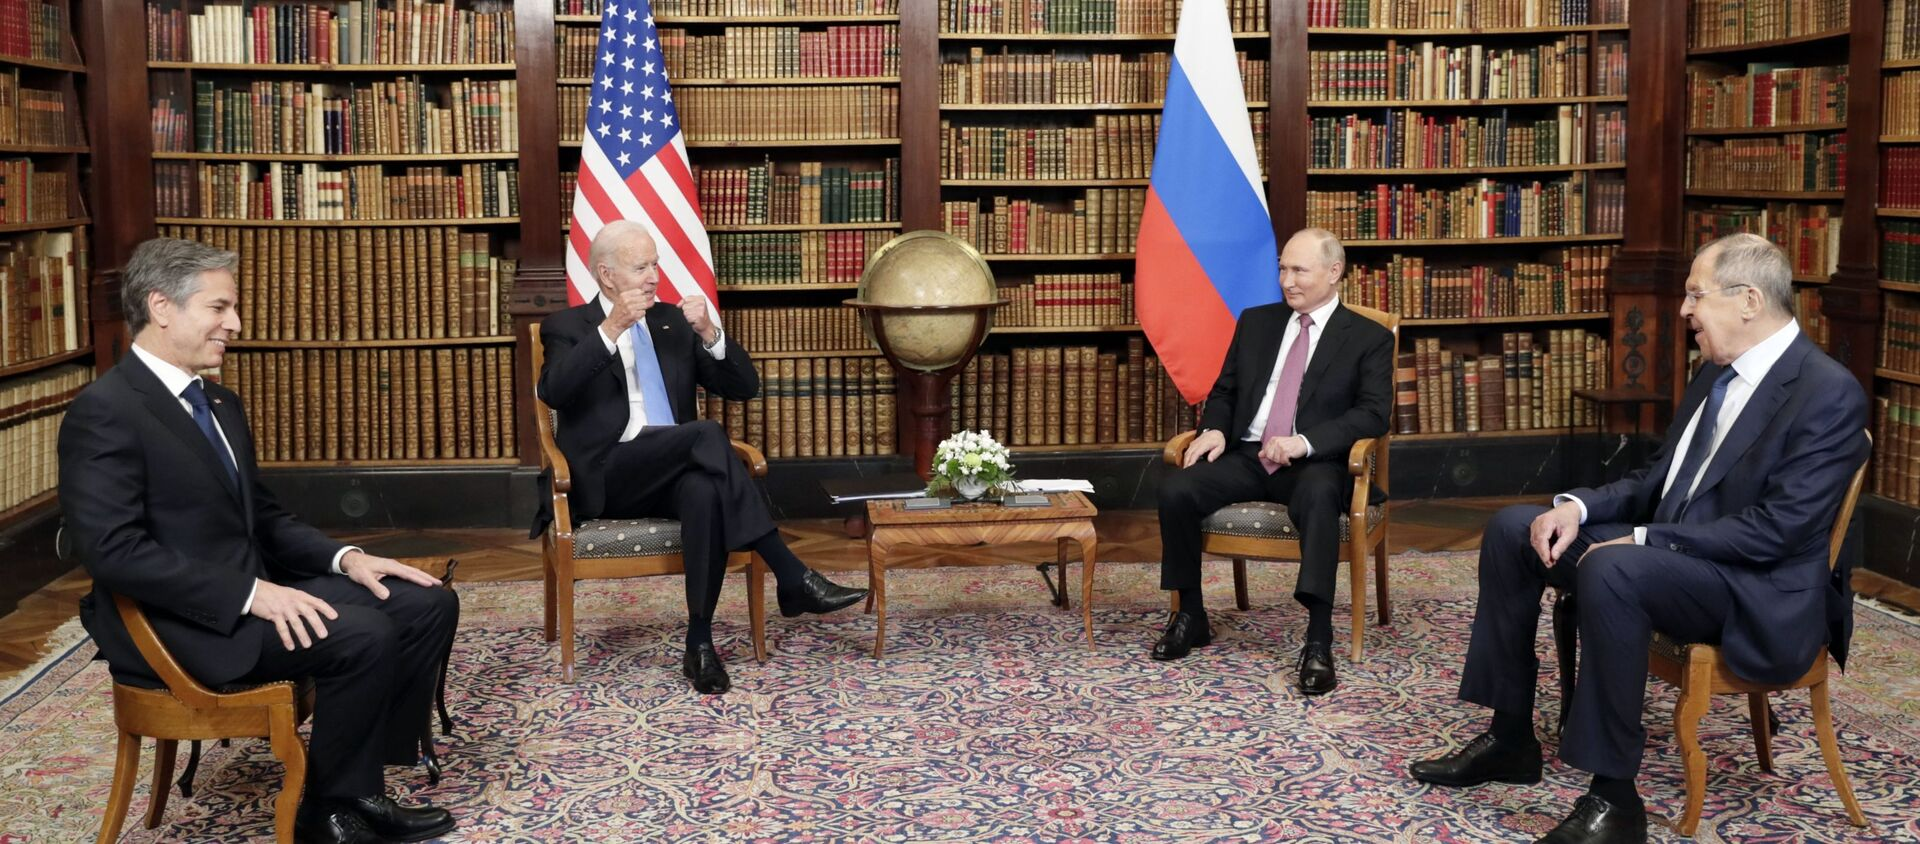 Tổng thống Nga Vladimir Putin và Tổng thống Mỹ Joe Biden trong cuộc gặp ở Geneva tại Villa La Grange - Sputnik Việt Nam, 1920, 16.06.2021